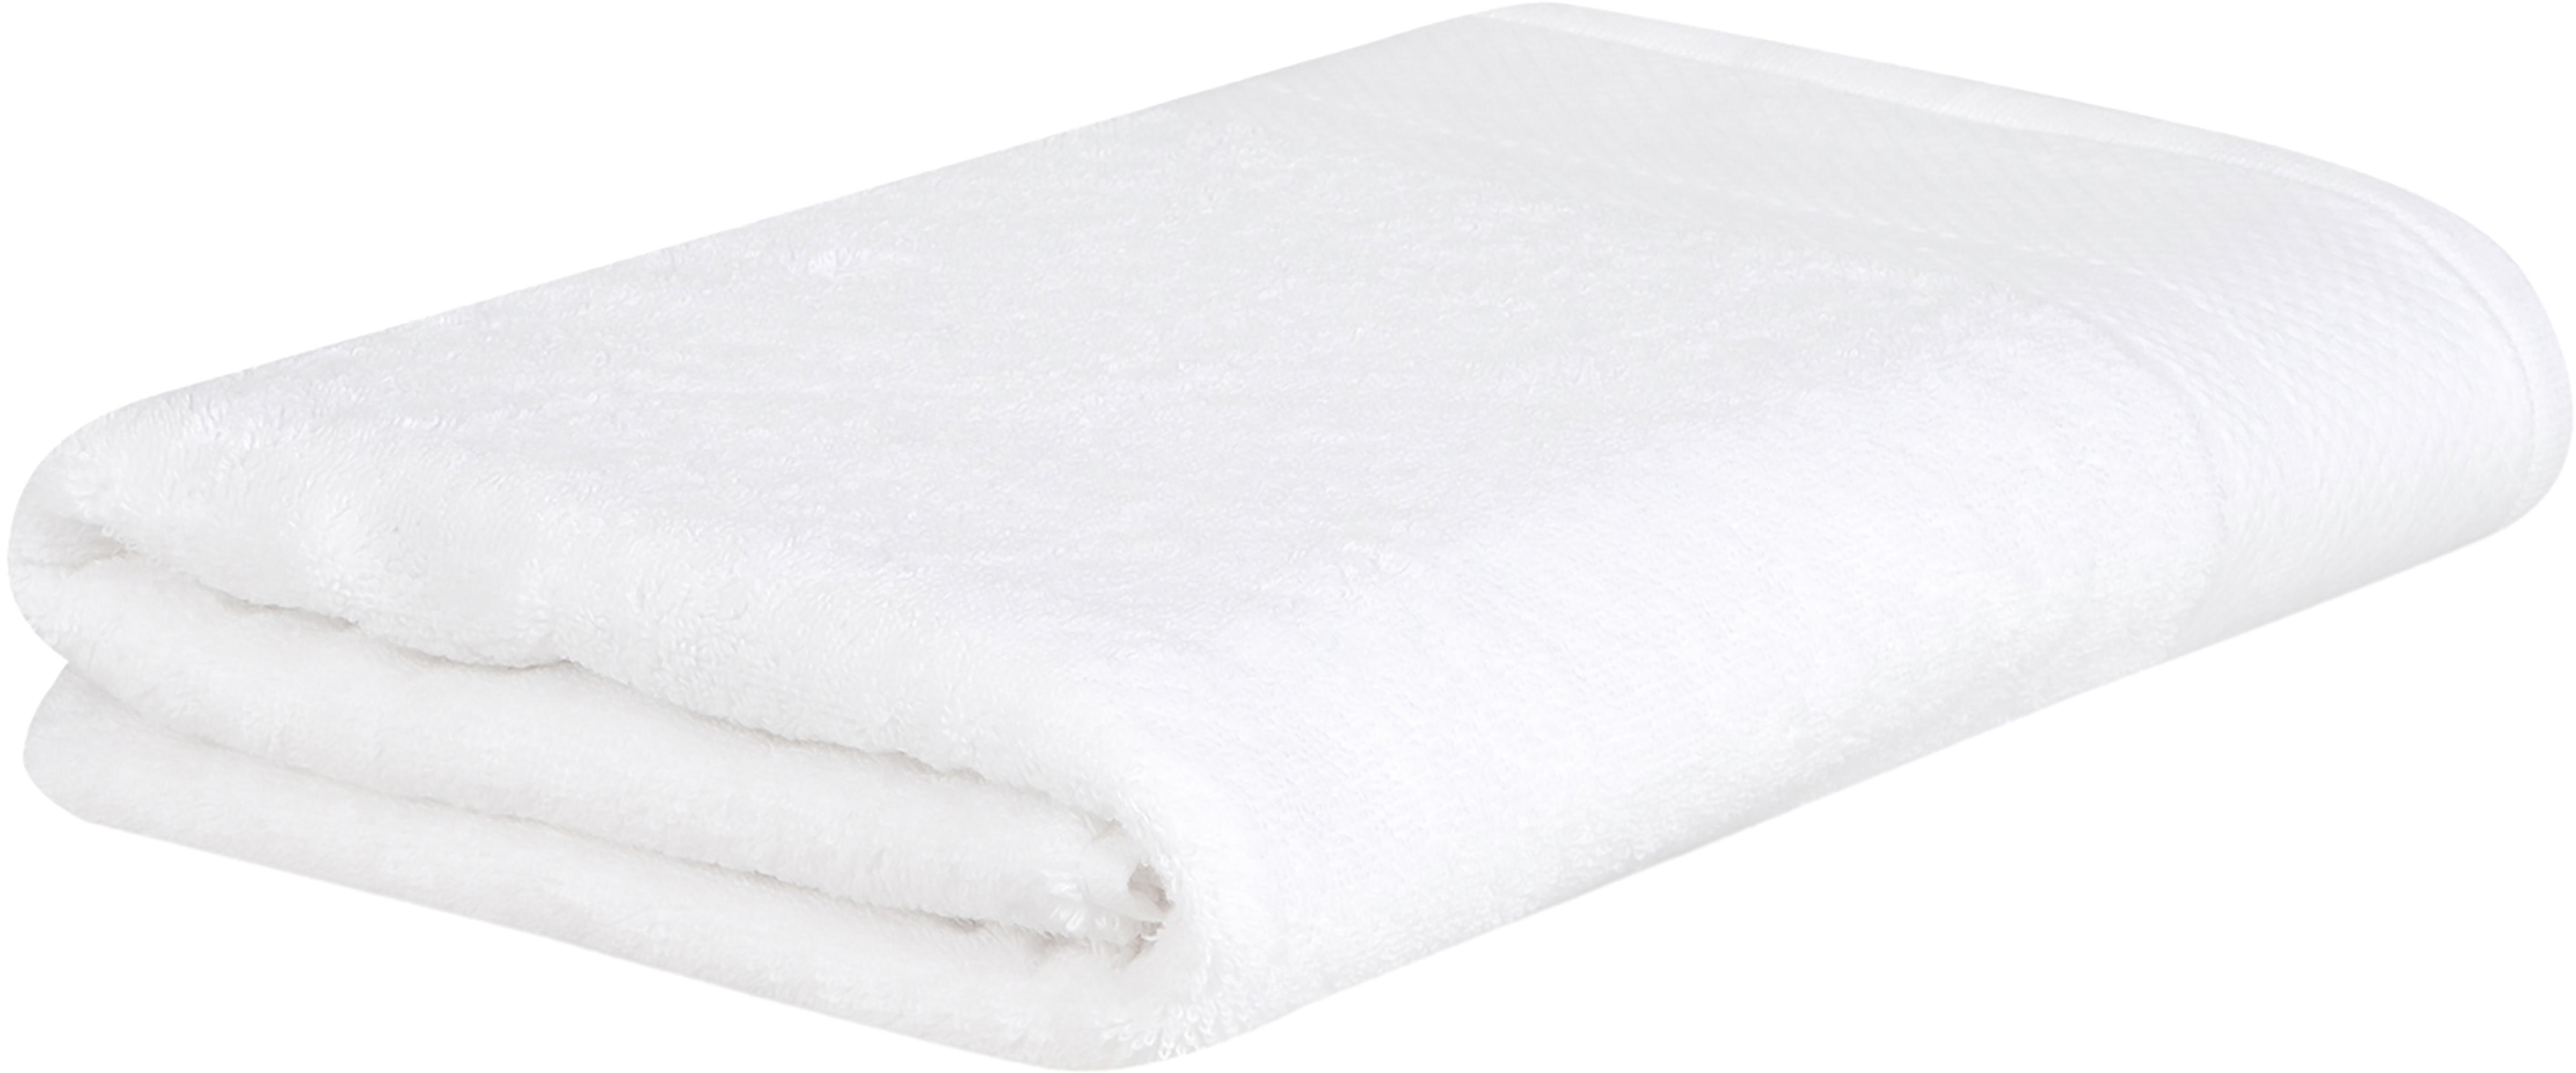 Handtuch Premium in verschiedenen Größen, mit klassischer Zierbordüre, Weiß, Handtuch